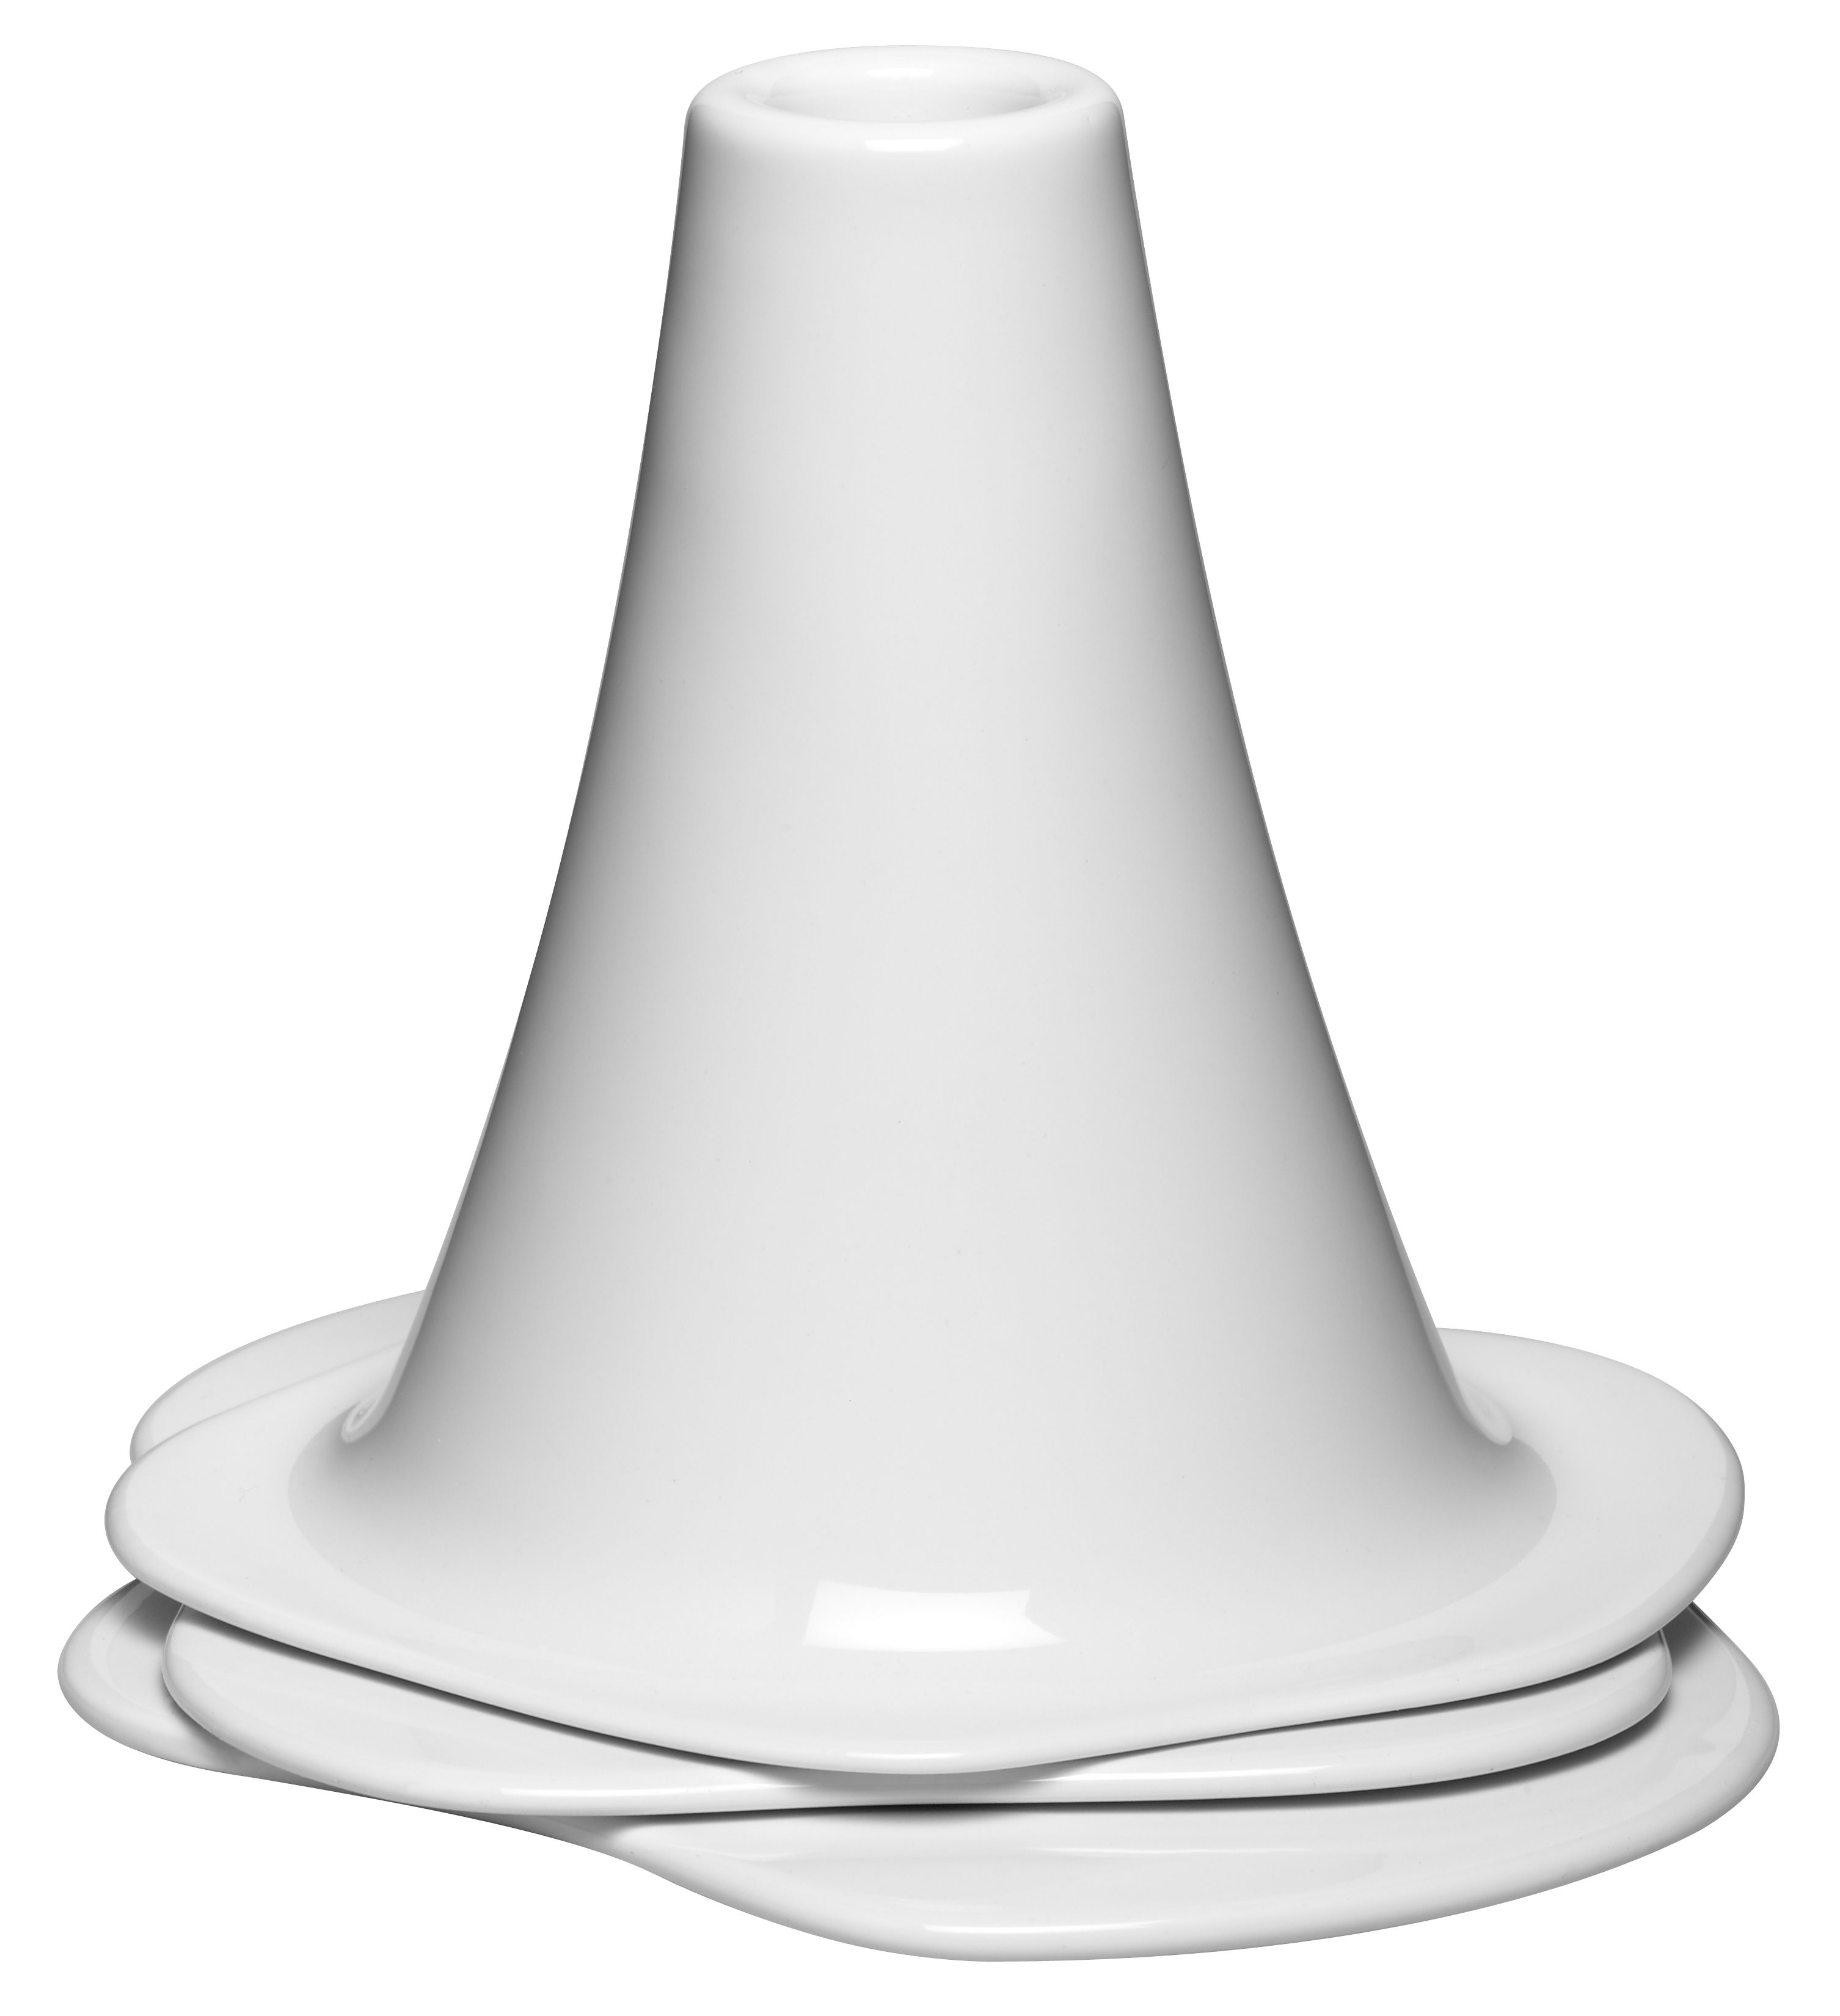 Dekoration - Kerzen, Kerzenleuchter und Windlichter - Lava Kerzenleuchter 3-er Set - Design House Stockholm - Weiß - chinesisches Weich-Porzellan